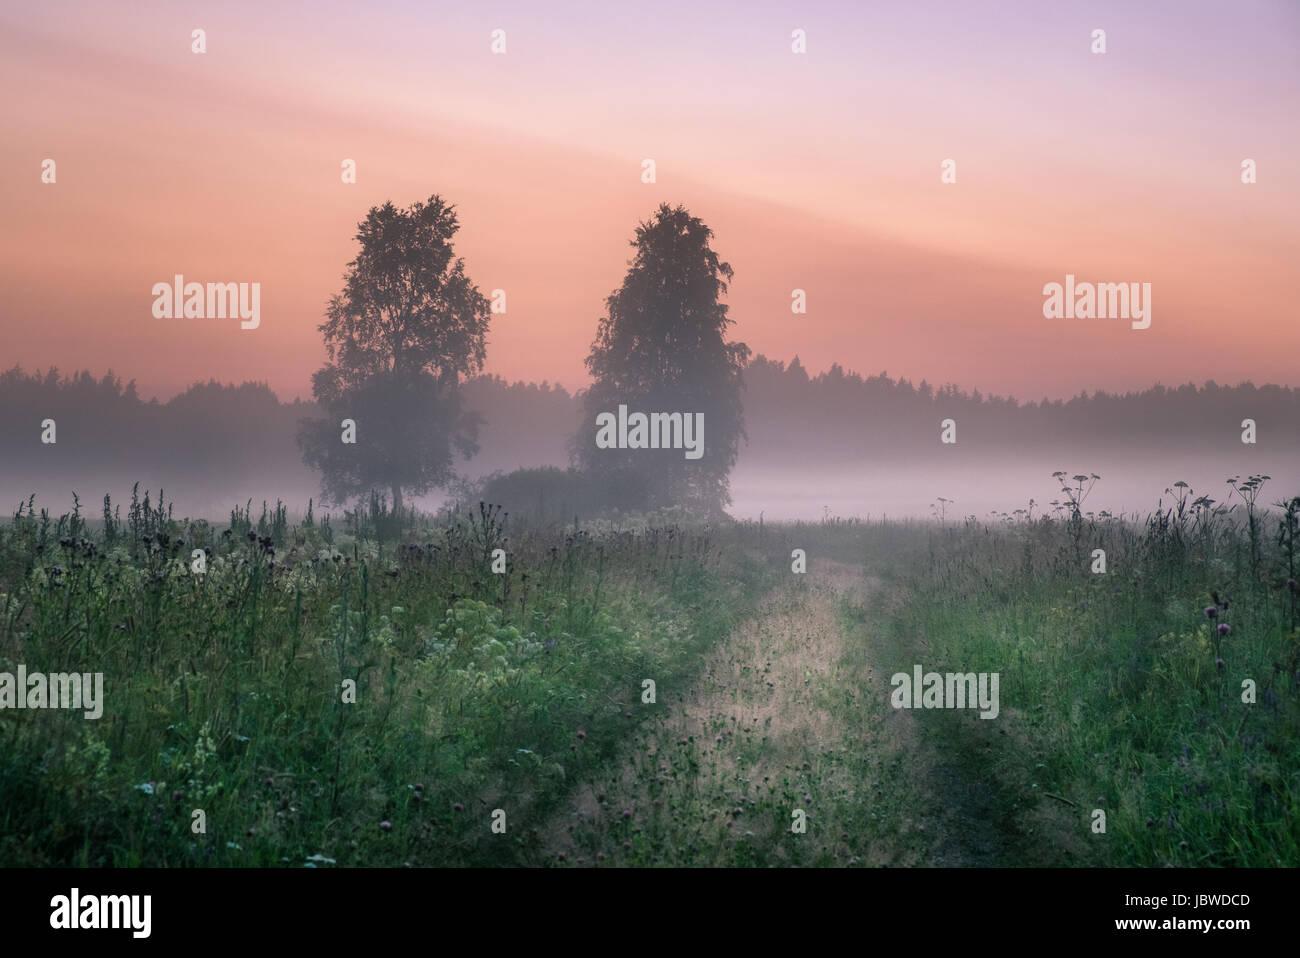 Paysage avec la brume et le brouillard à une nuit d'été dans le nord de l'Europe Photo Stock